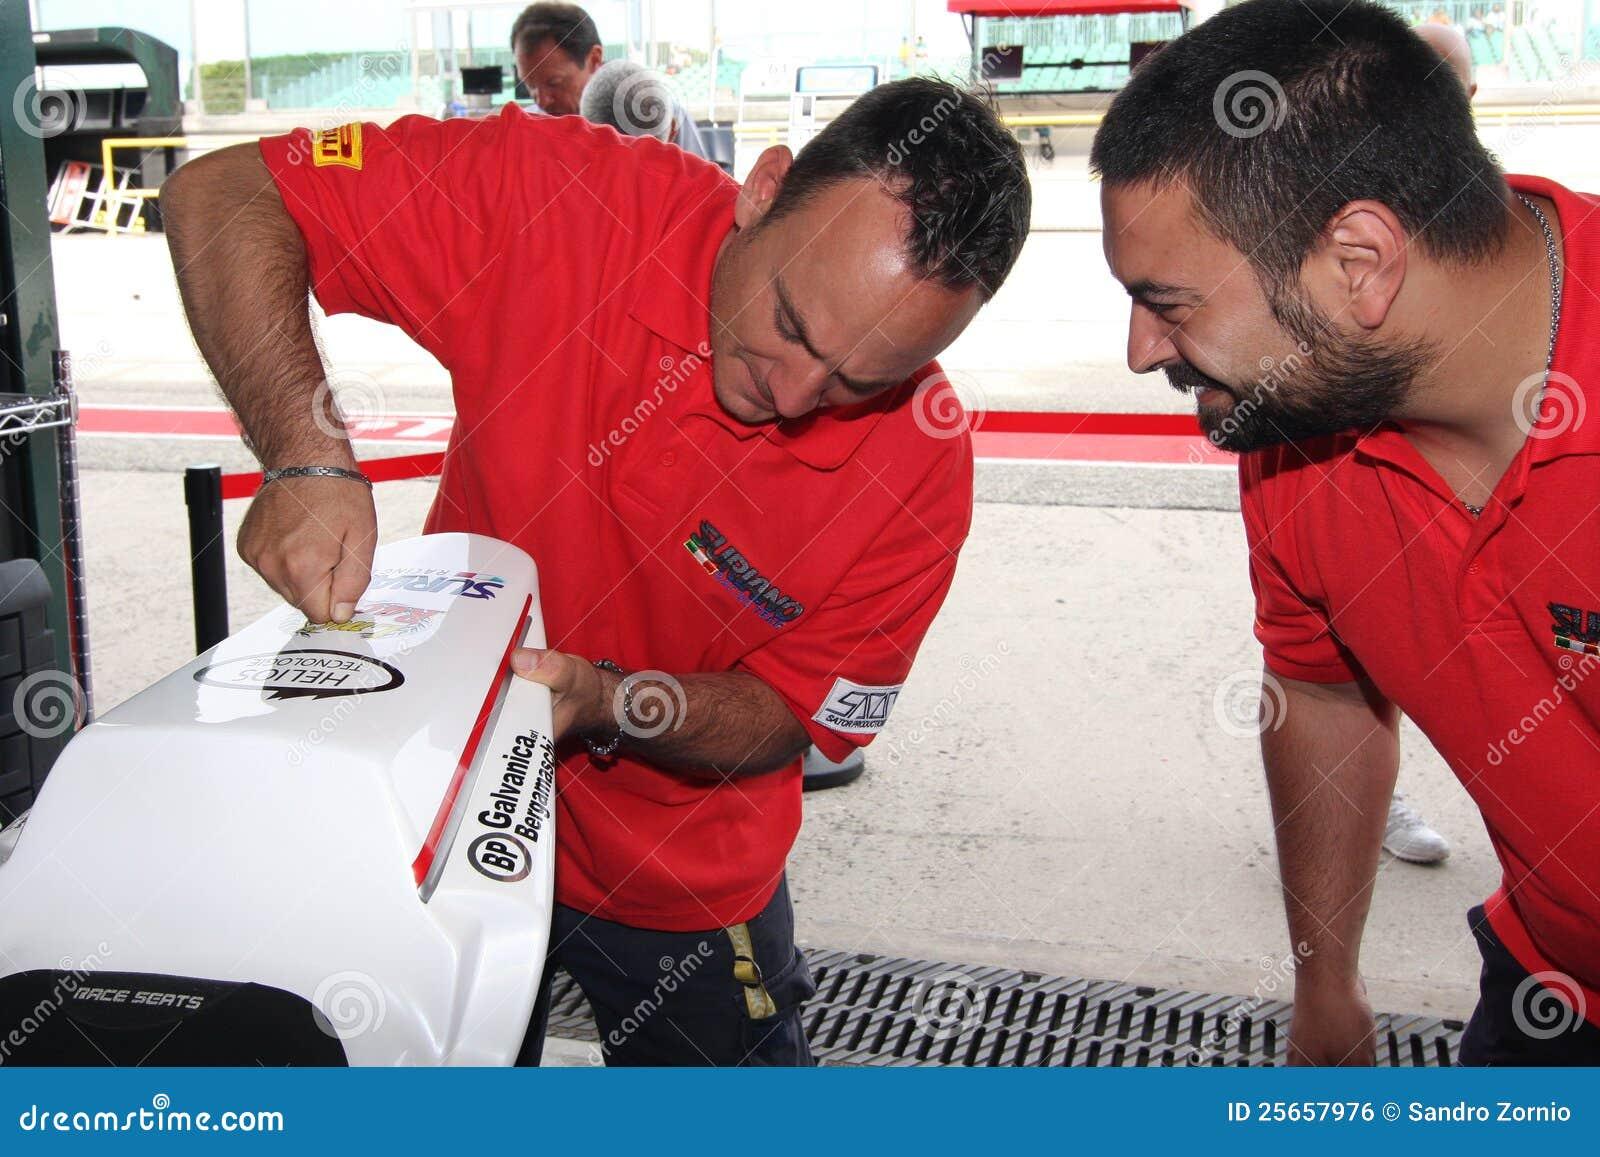 Danilo Suriano Power team by Suriano